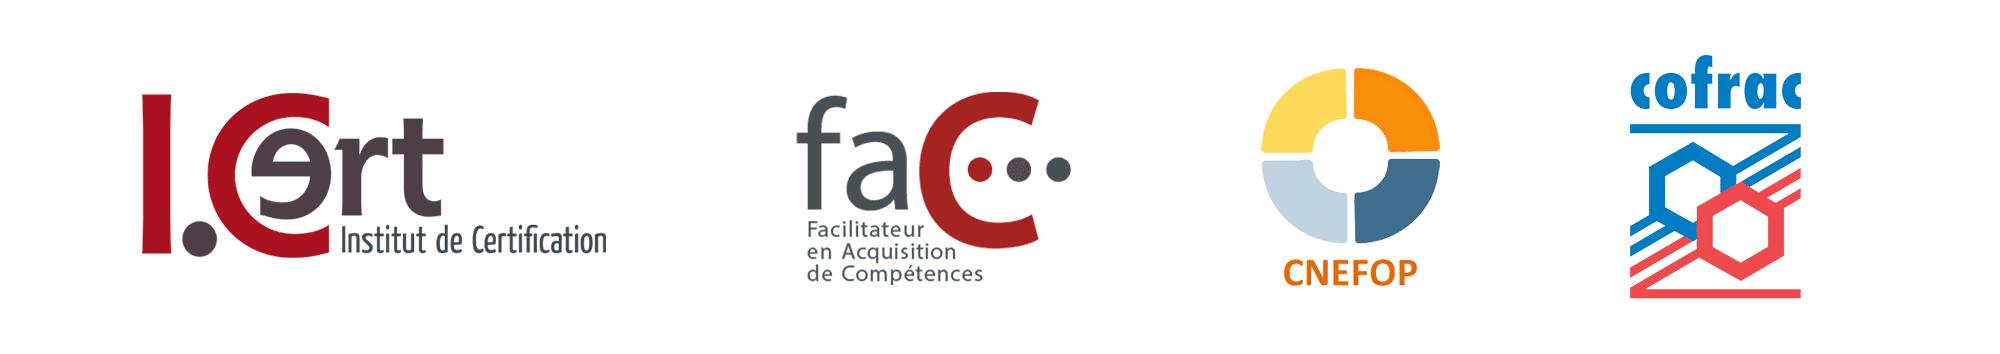 Trouver un formateur - certifications